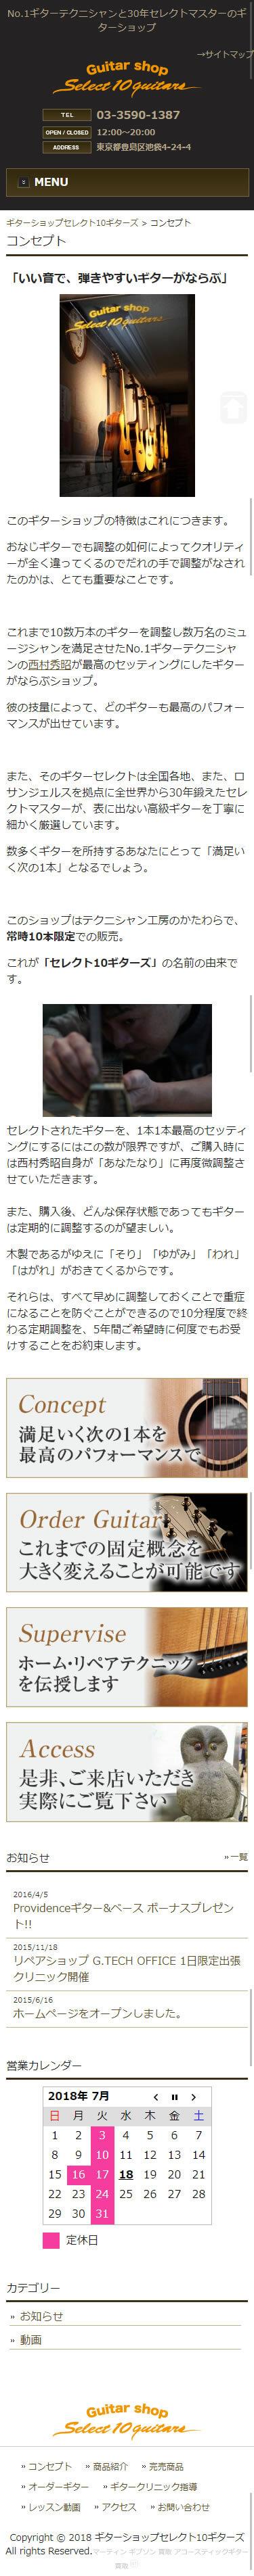 東京都 セレクト10ギターズ様 ホームページ制作4